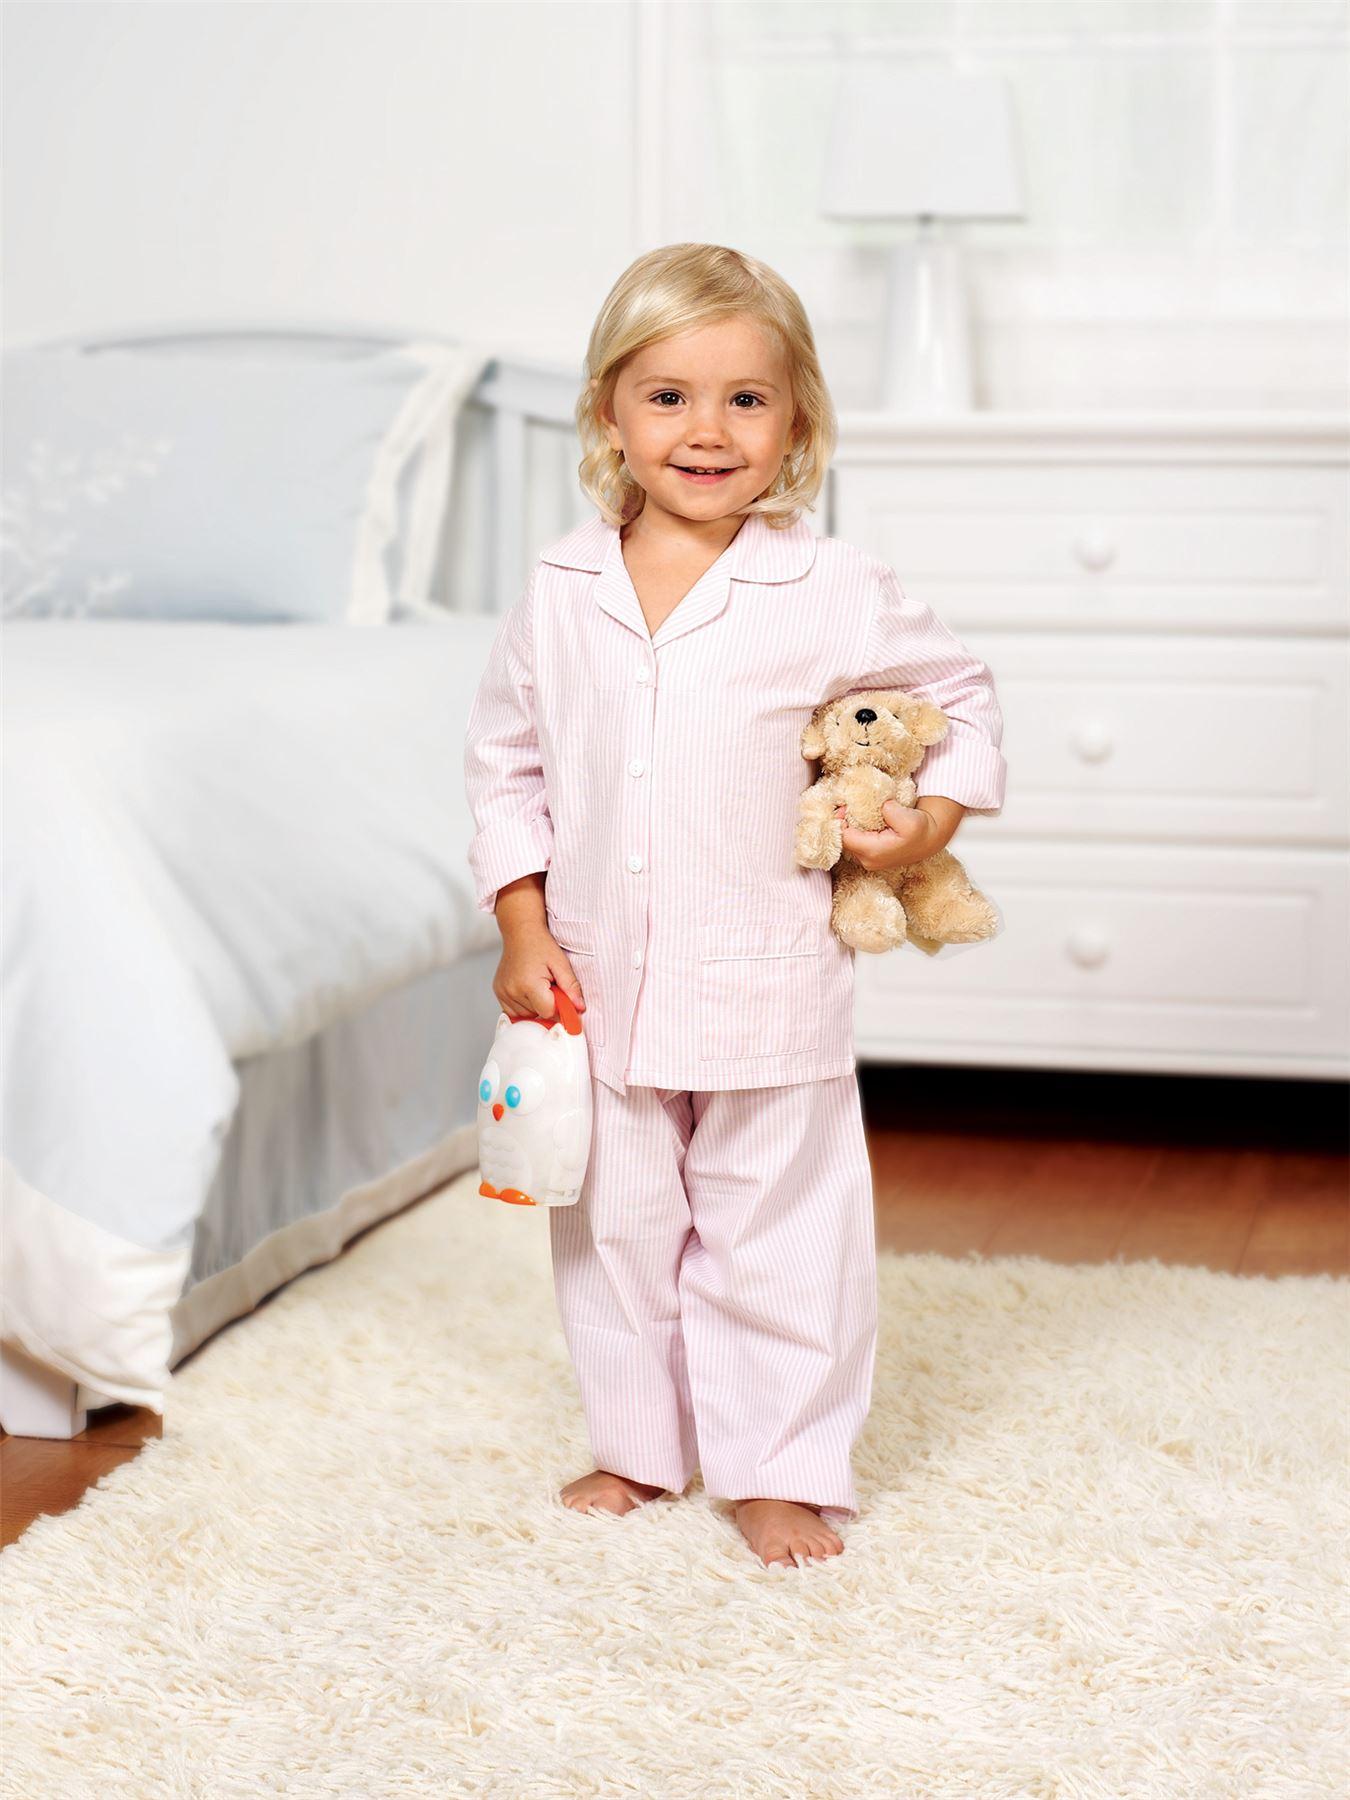 lindam beleuchte mein weg nachtlicht baby kleinkind kind sicher bequem neu 5019090513944 ebay. Black Bedroom Furniture Sets. Home Design Ideas